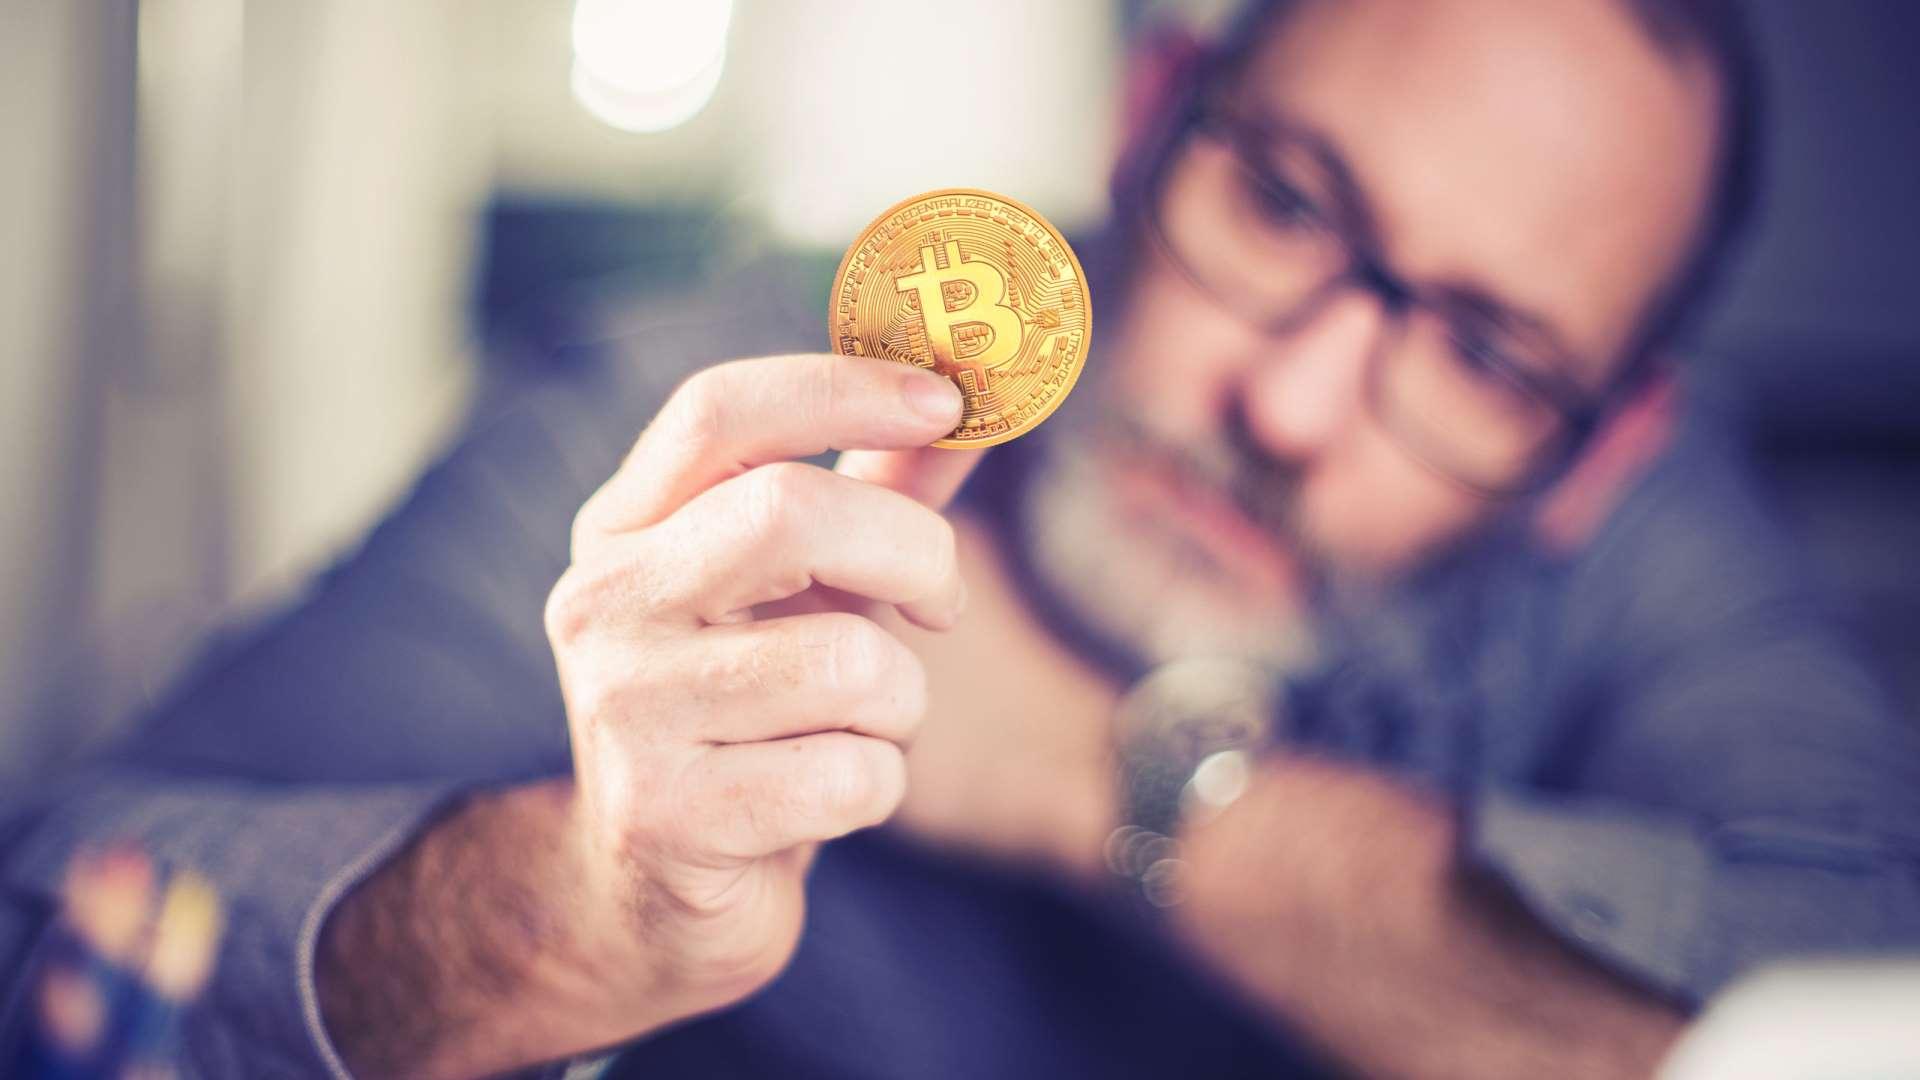 Algunos expertos, sin precisar cuánto tiempo, aseguran que el Bitcoin podría llegar a cotizarse a u$s400.000